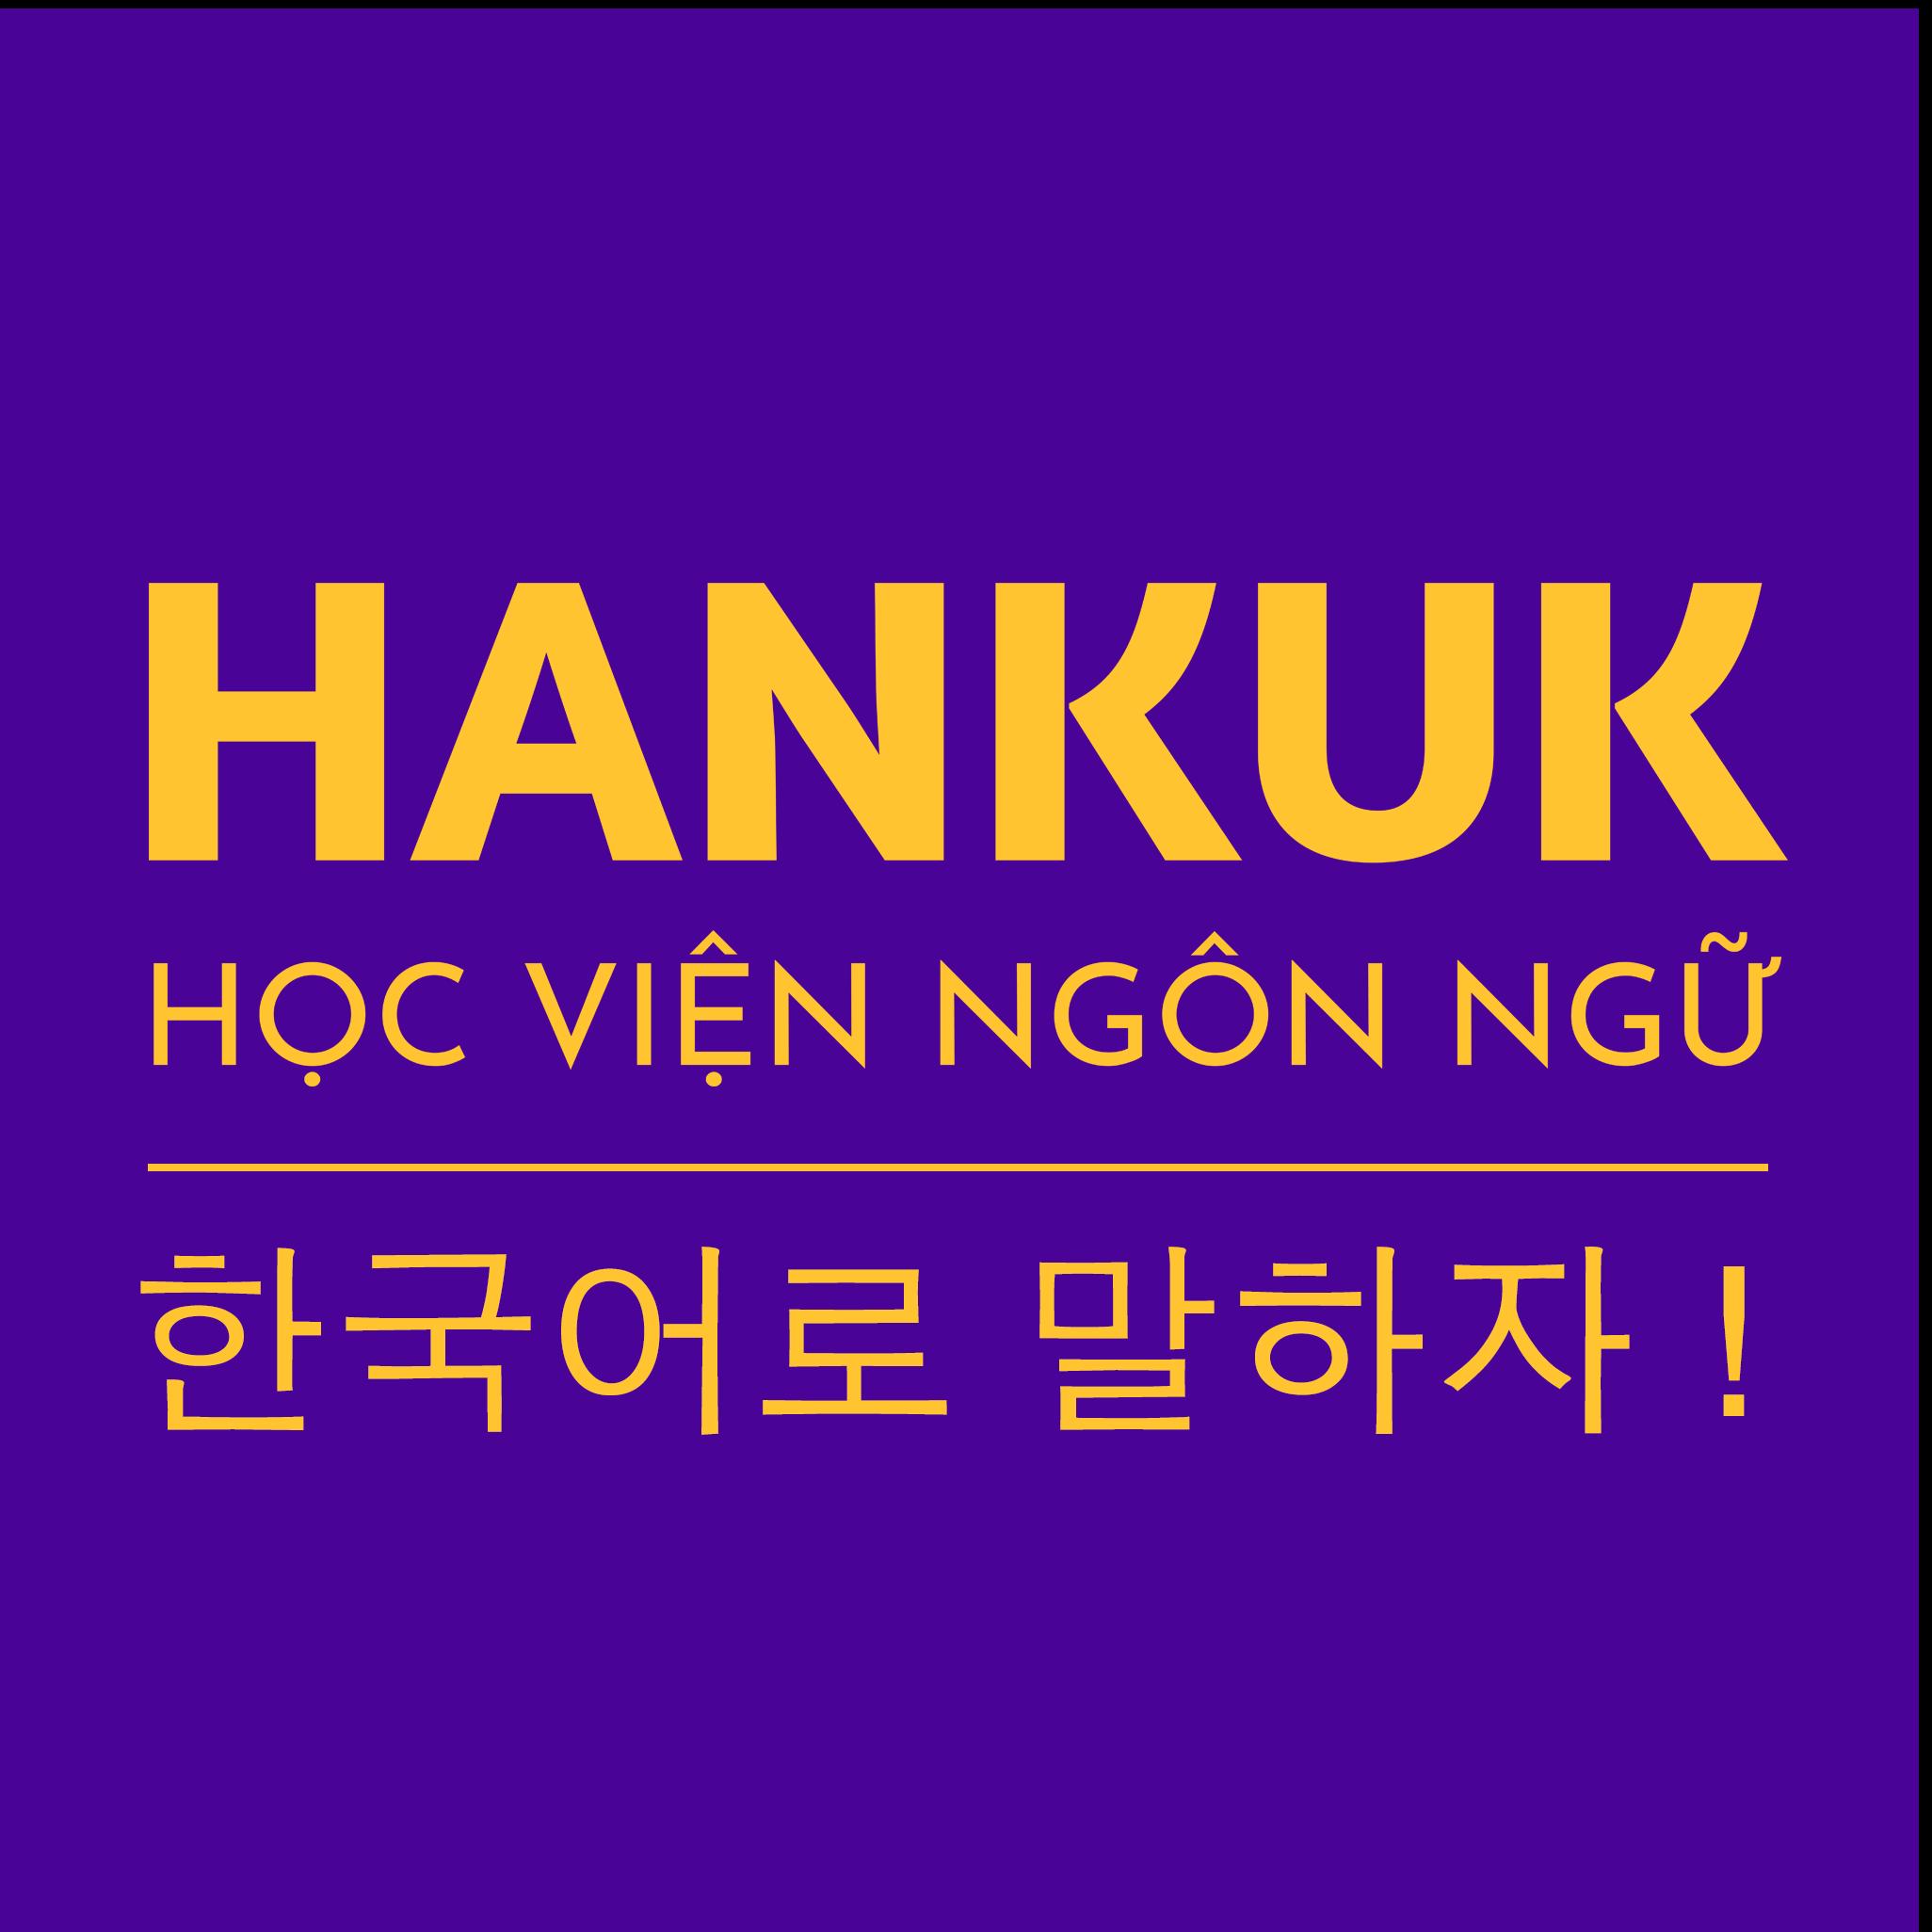 Học Viện Ngôn Ngữ Hankuk